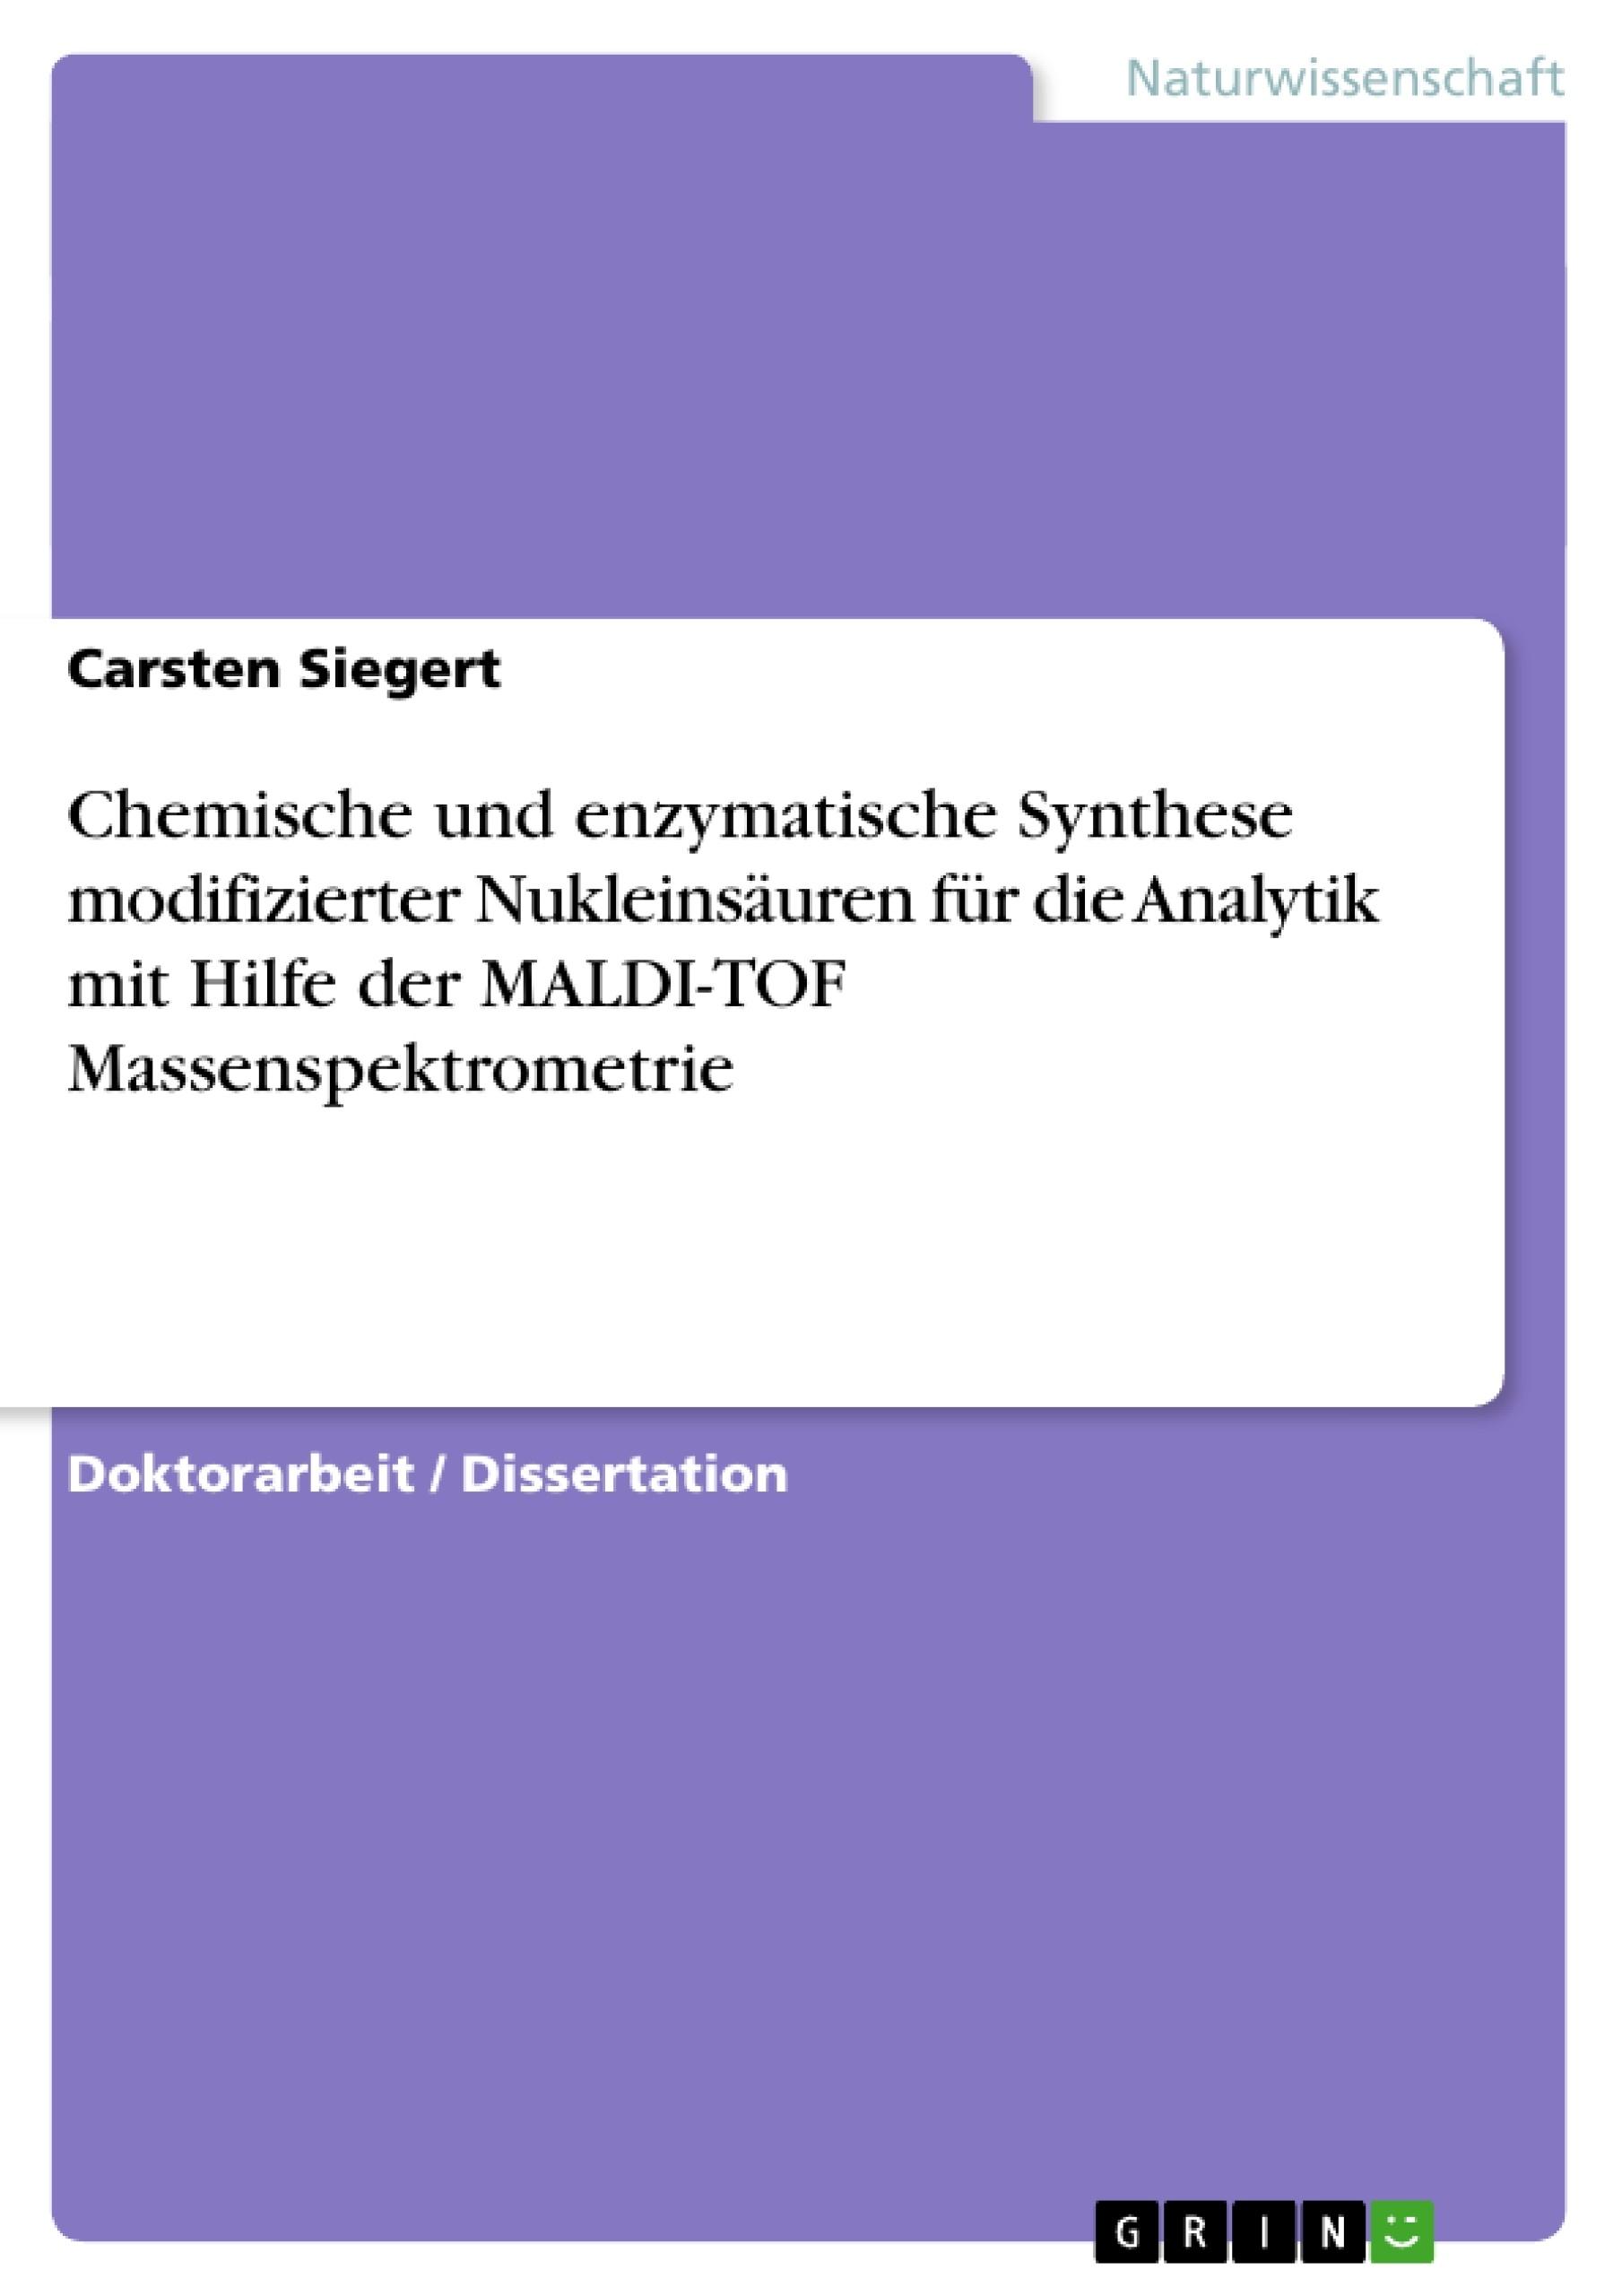 Titel: Chemische und enzymatische Synthese modifizierter Nukleinsäuren für die Analytik mit Hilfe der MALDI-TOF Massenspektrometrie